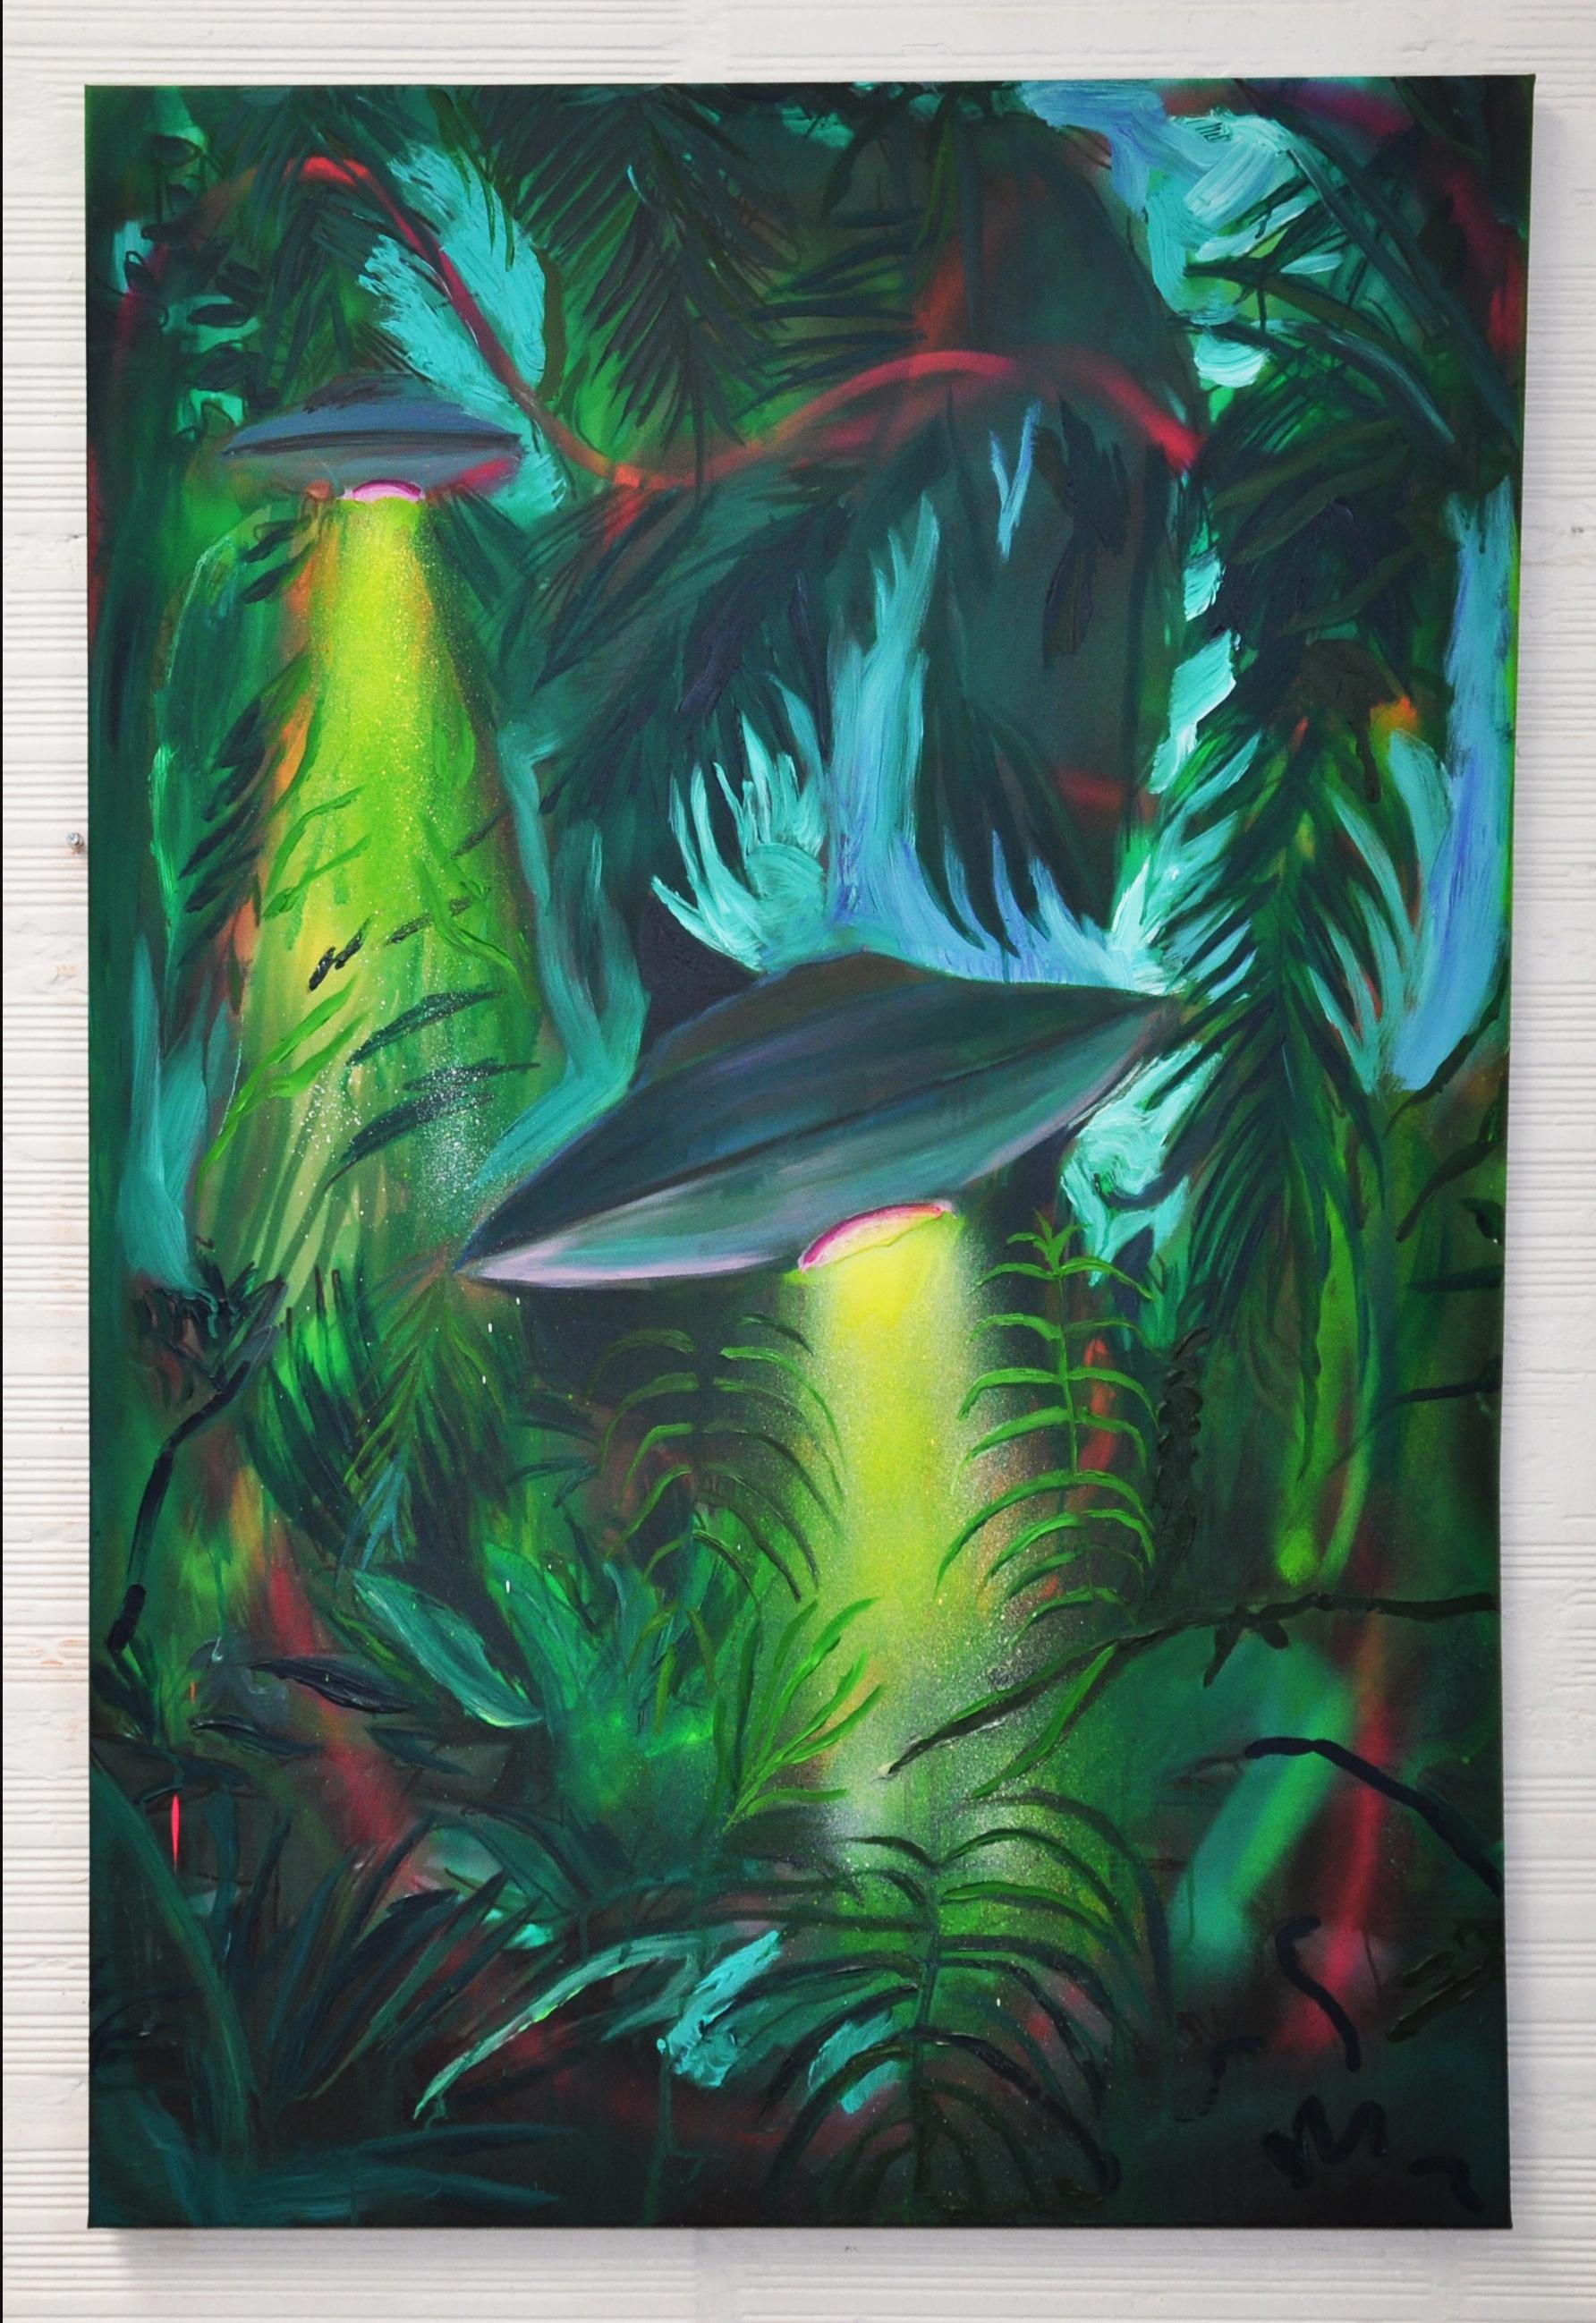 alien/nation, acrylic on canvas, 120x80cm